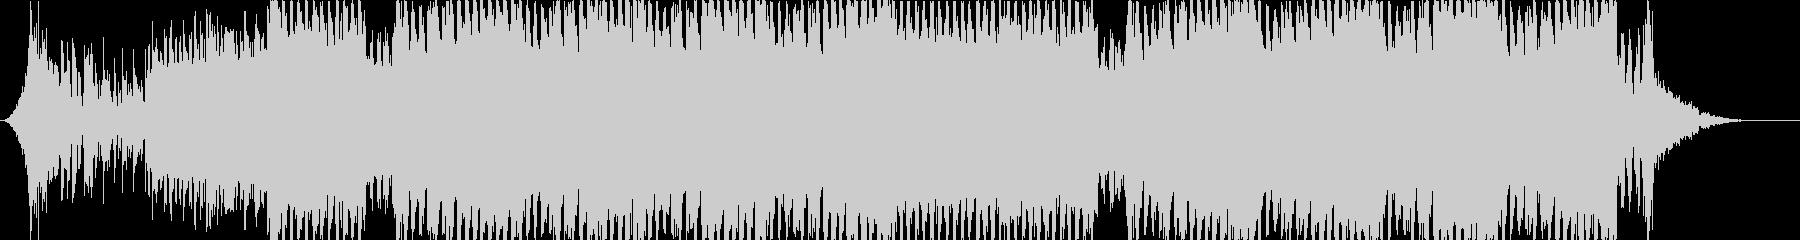 凶悪な重低音 容赦ないダークなEDMの未再生の波形